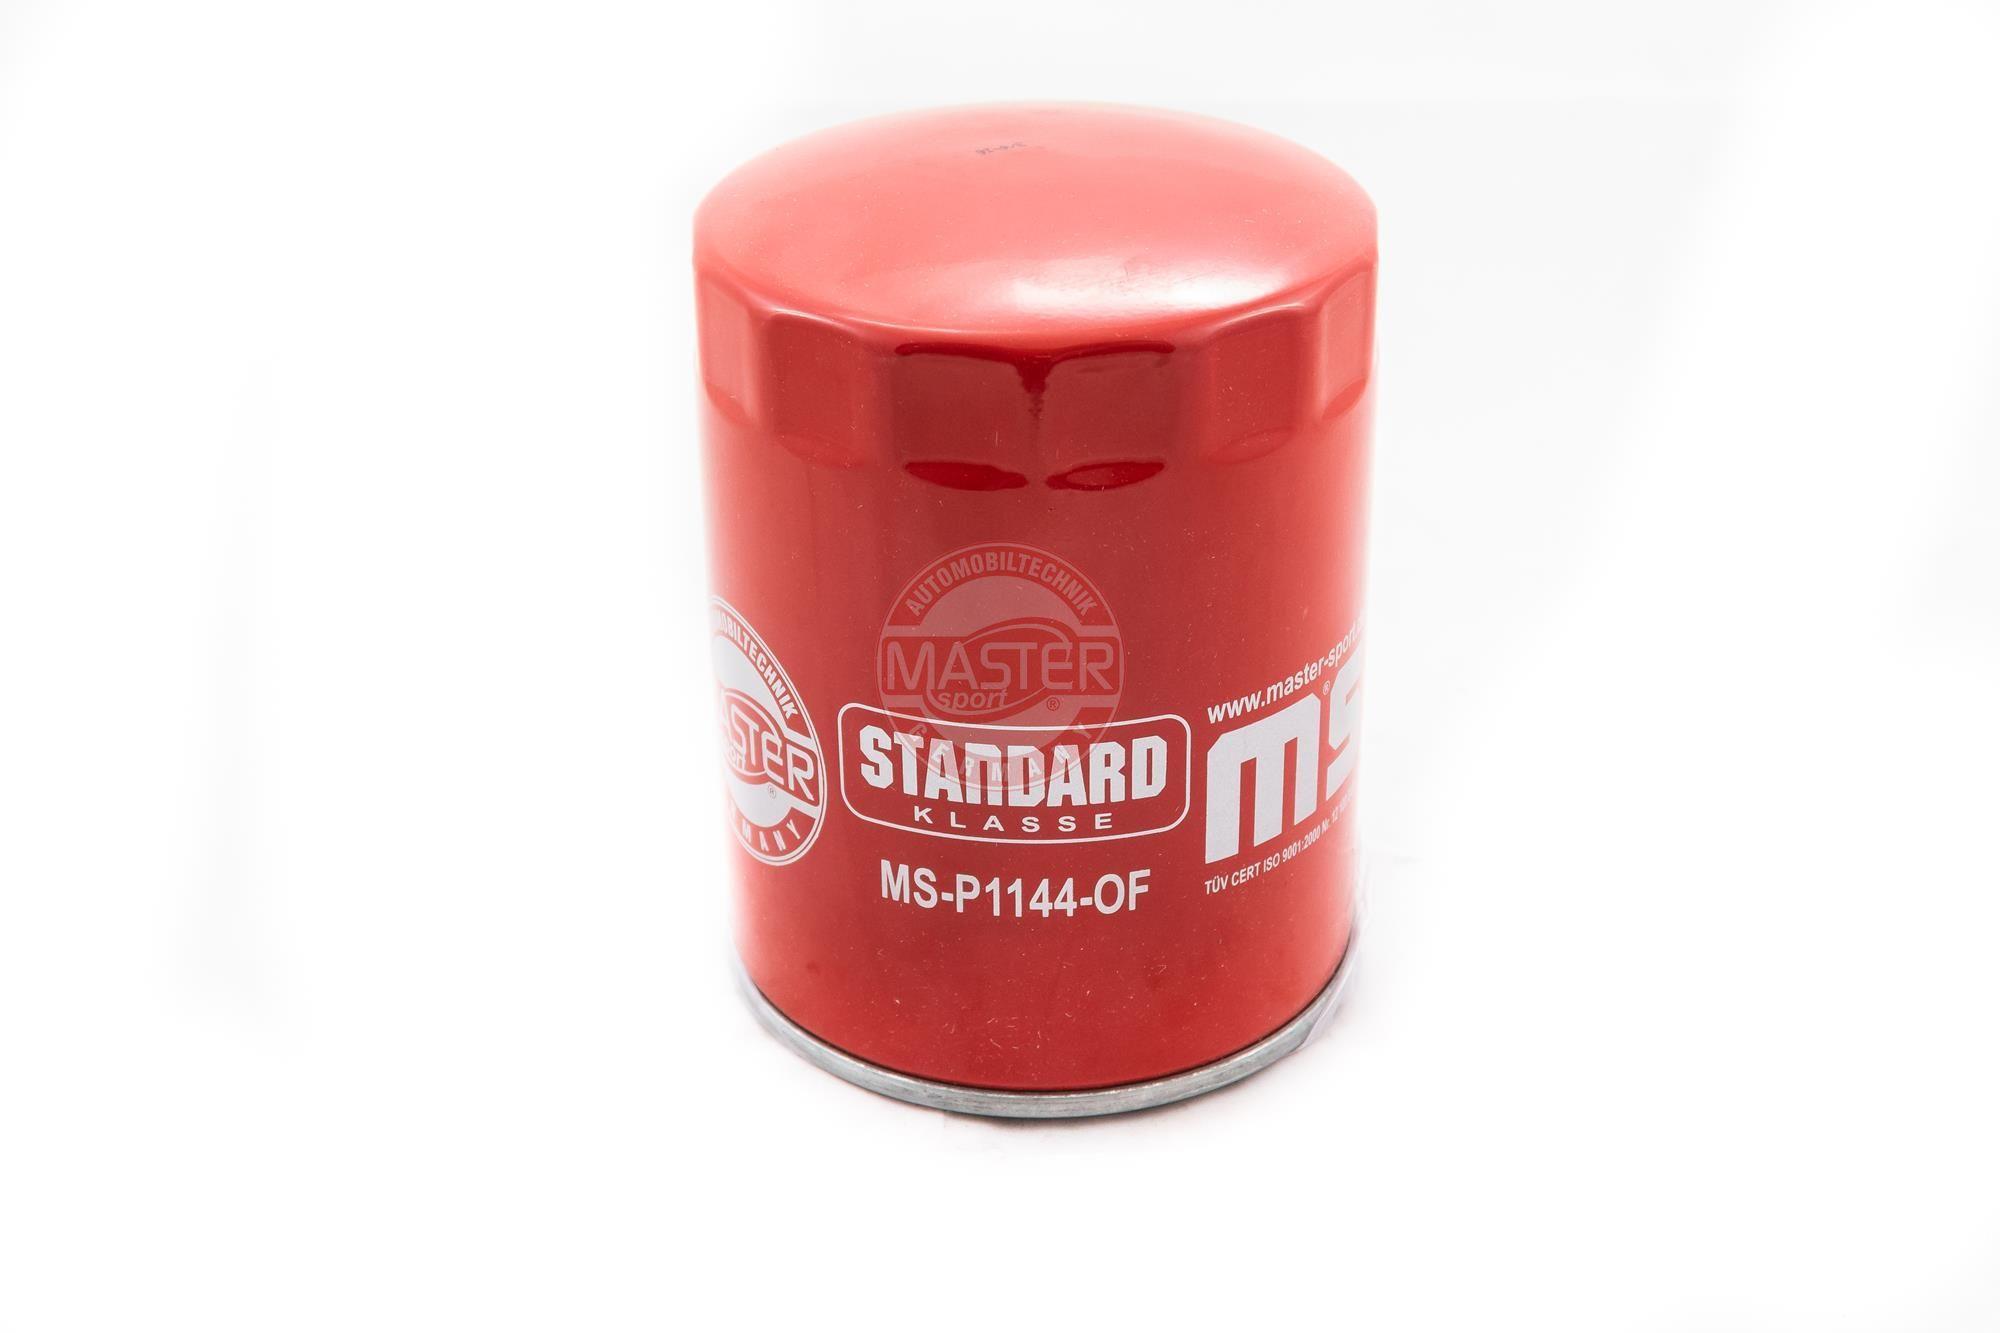 Motorölfilter P1144-OF-PCS-MS MASTER-SPORT 440011440 in Original Qualität